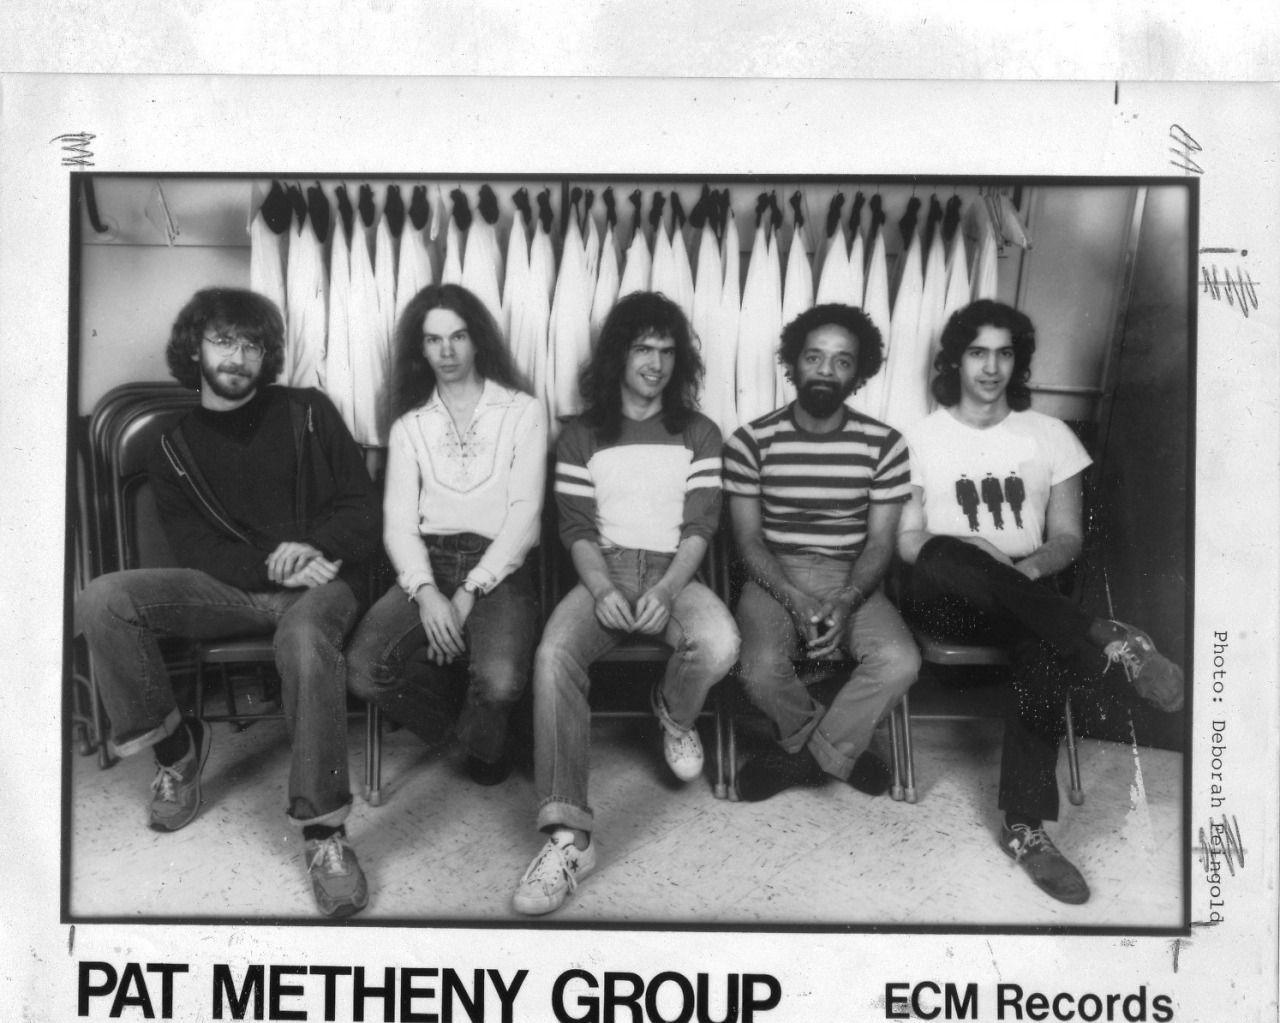 3 Offramp 앨범 작업 당시 라인업, 좌로부터 스티브 로드비, 라일 메이스, 팻 메시니, 나나 바스콘셀로스, 대니 고틀리엡.jpg